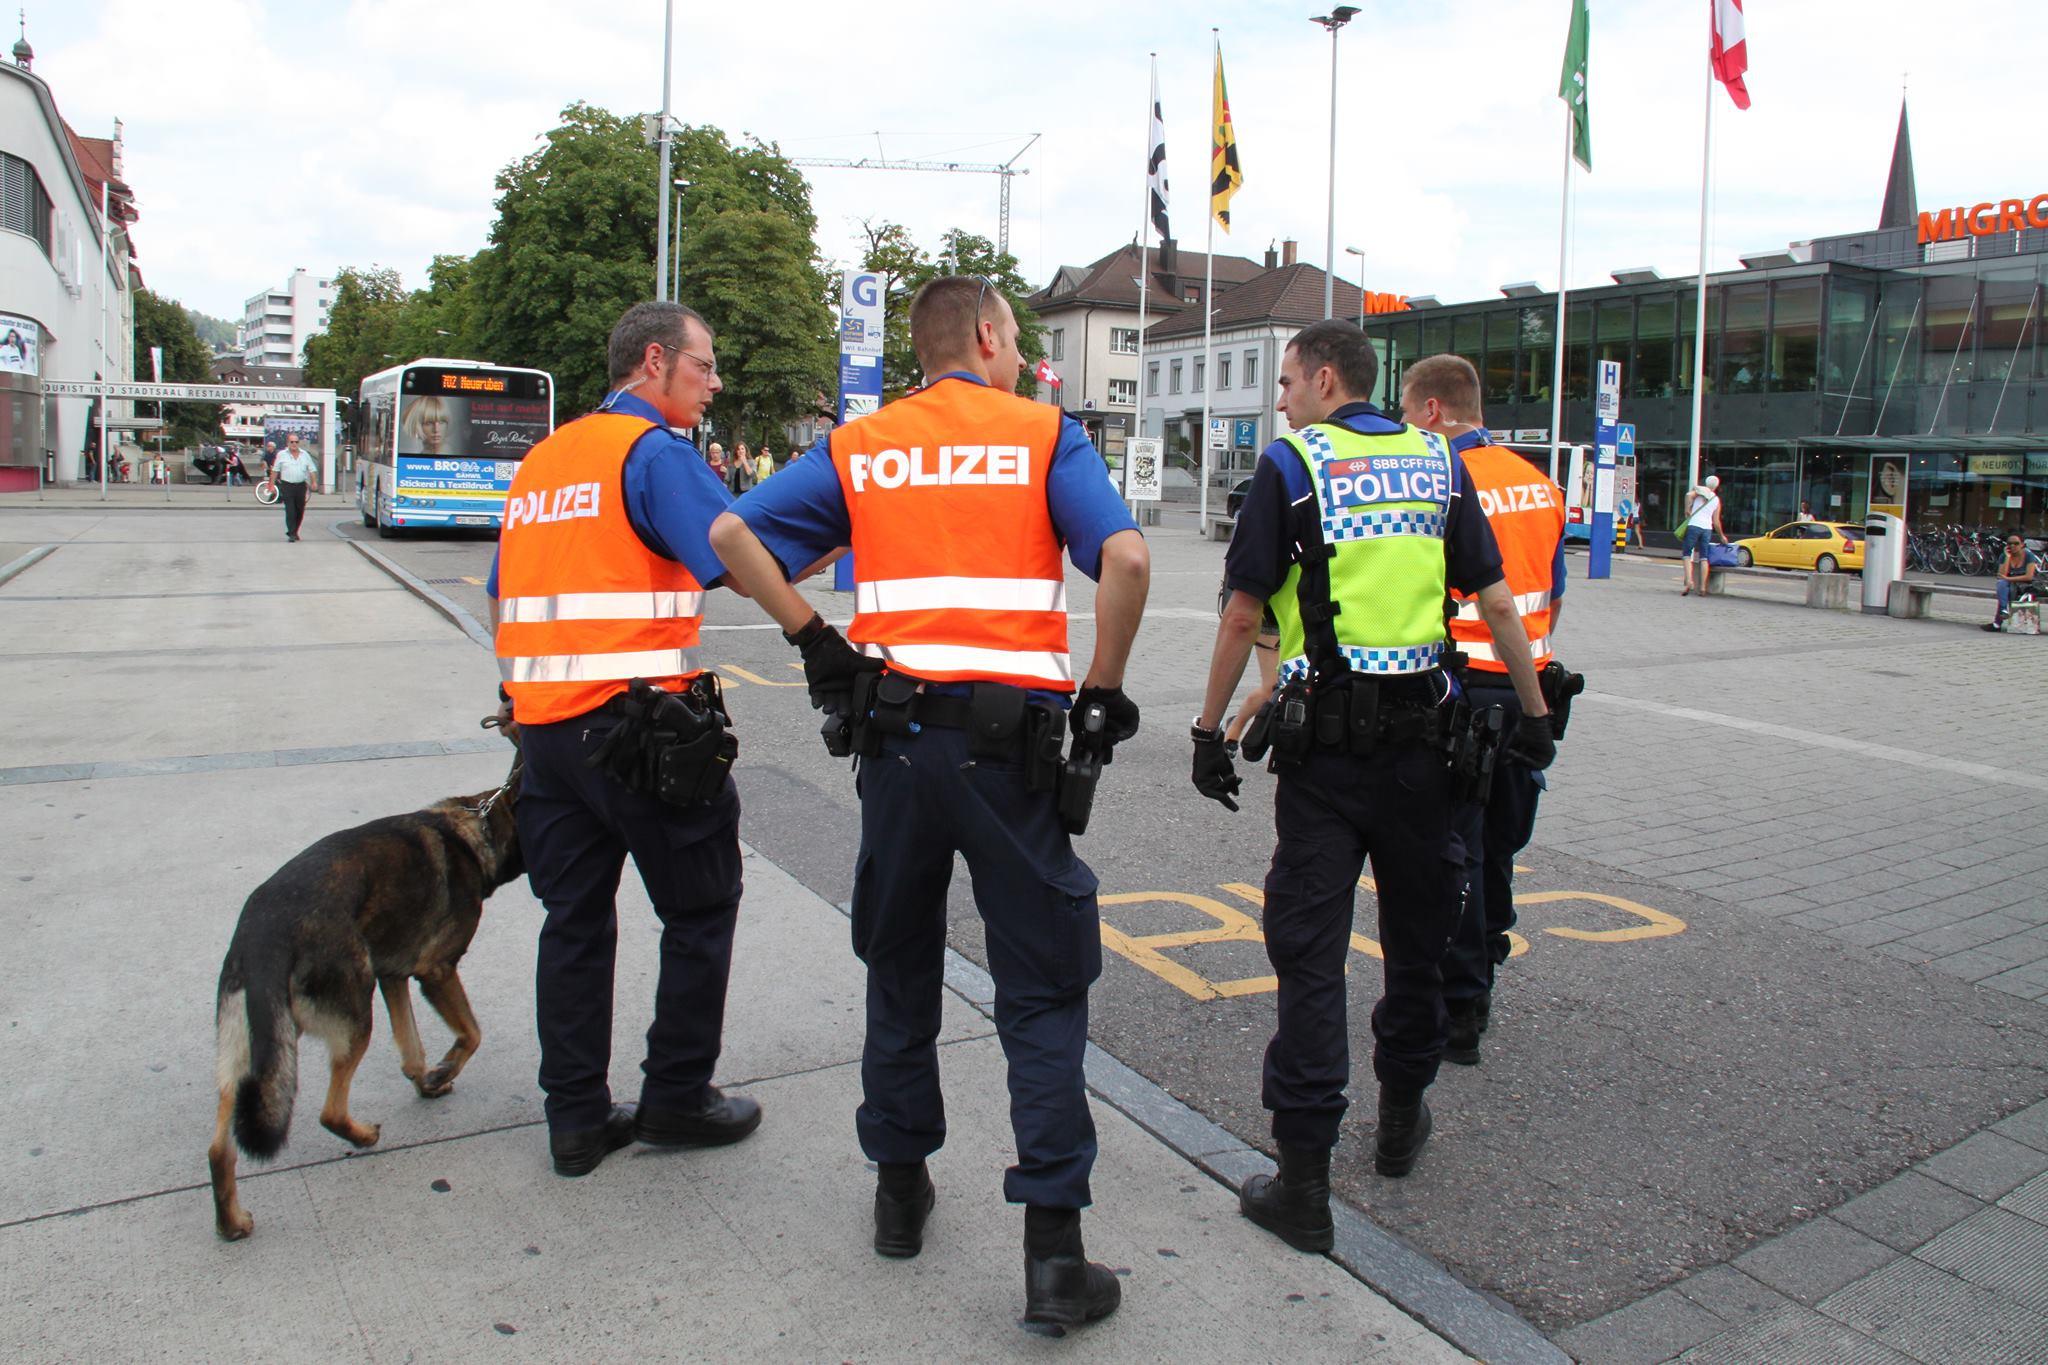 Die Kapo St.Gallen sorgt für die öffentliche Sicherheit. (Bildquelle: Kapo St.Gallen)